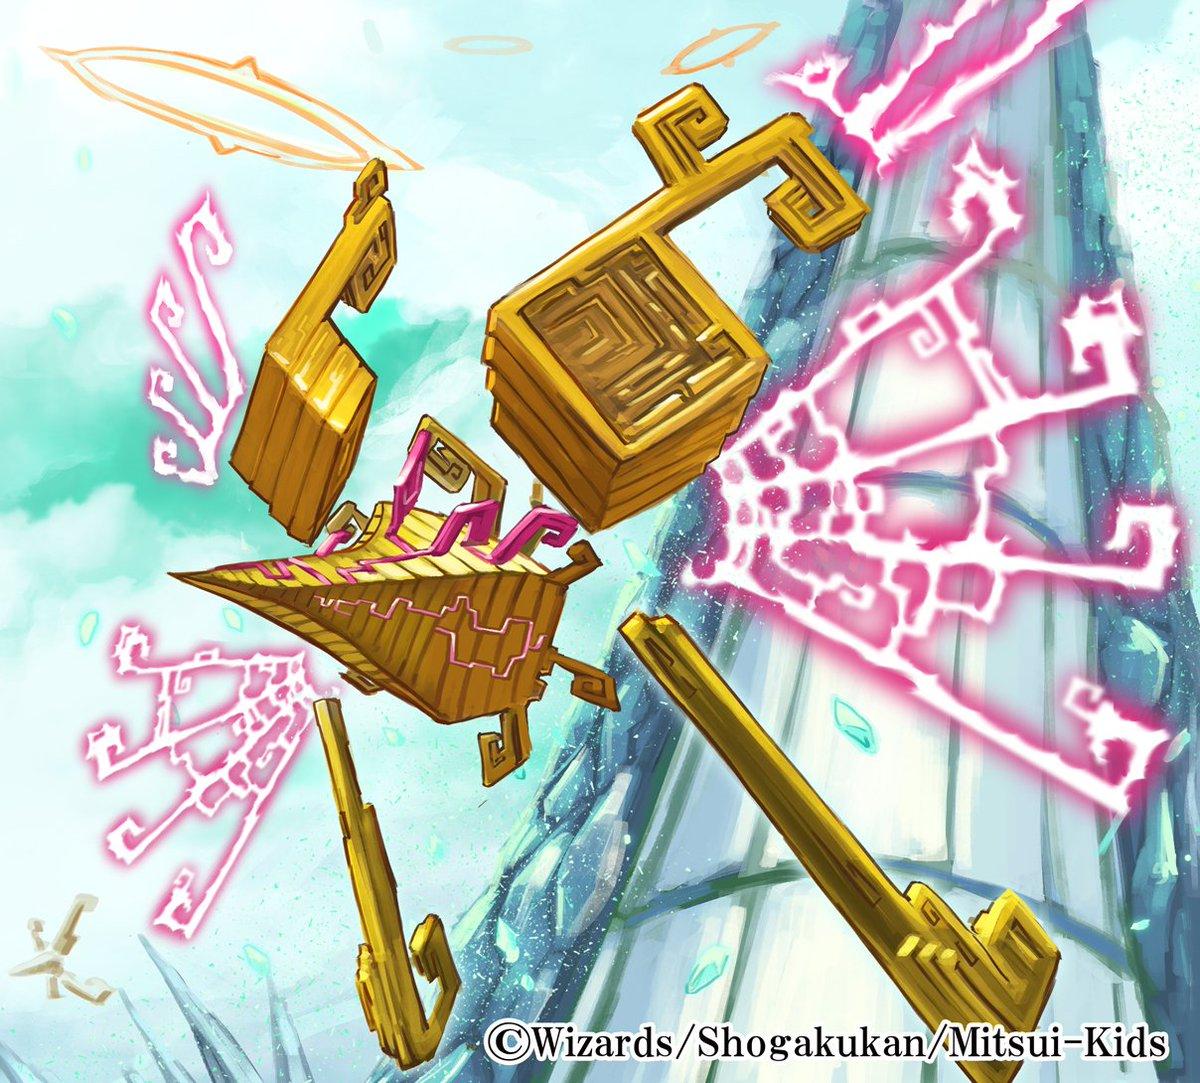 【お仕事】本日発売のデュエル・マスターズ 新2弾「マジでB・A・Dなラビリンス!!」にて「奇石 キーロック」描かせて頂き